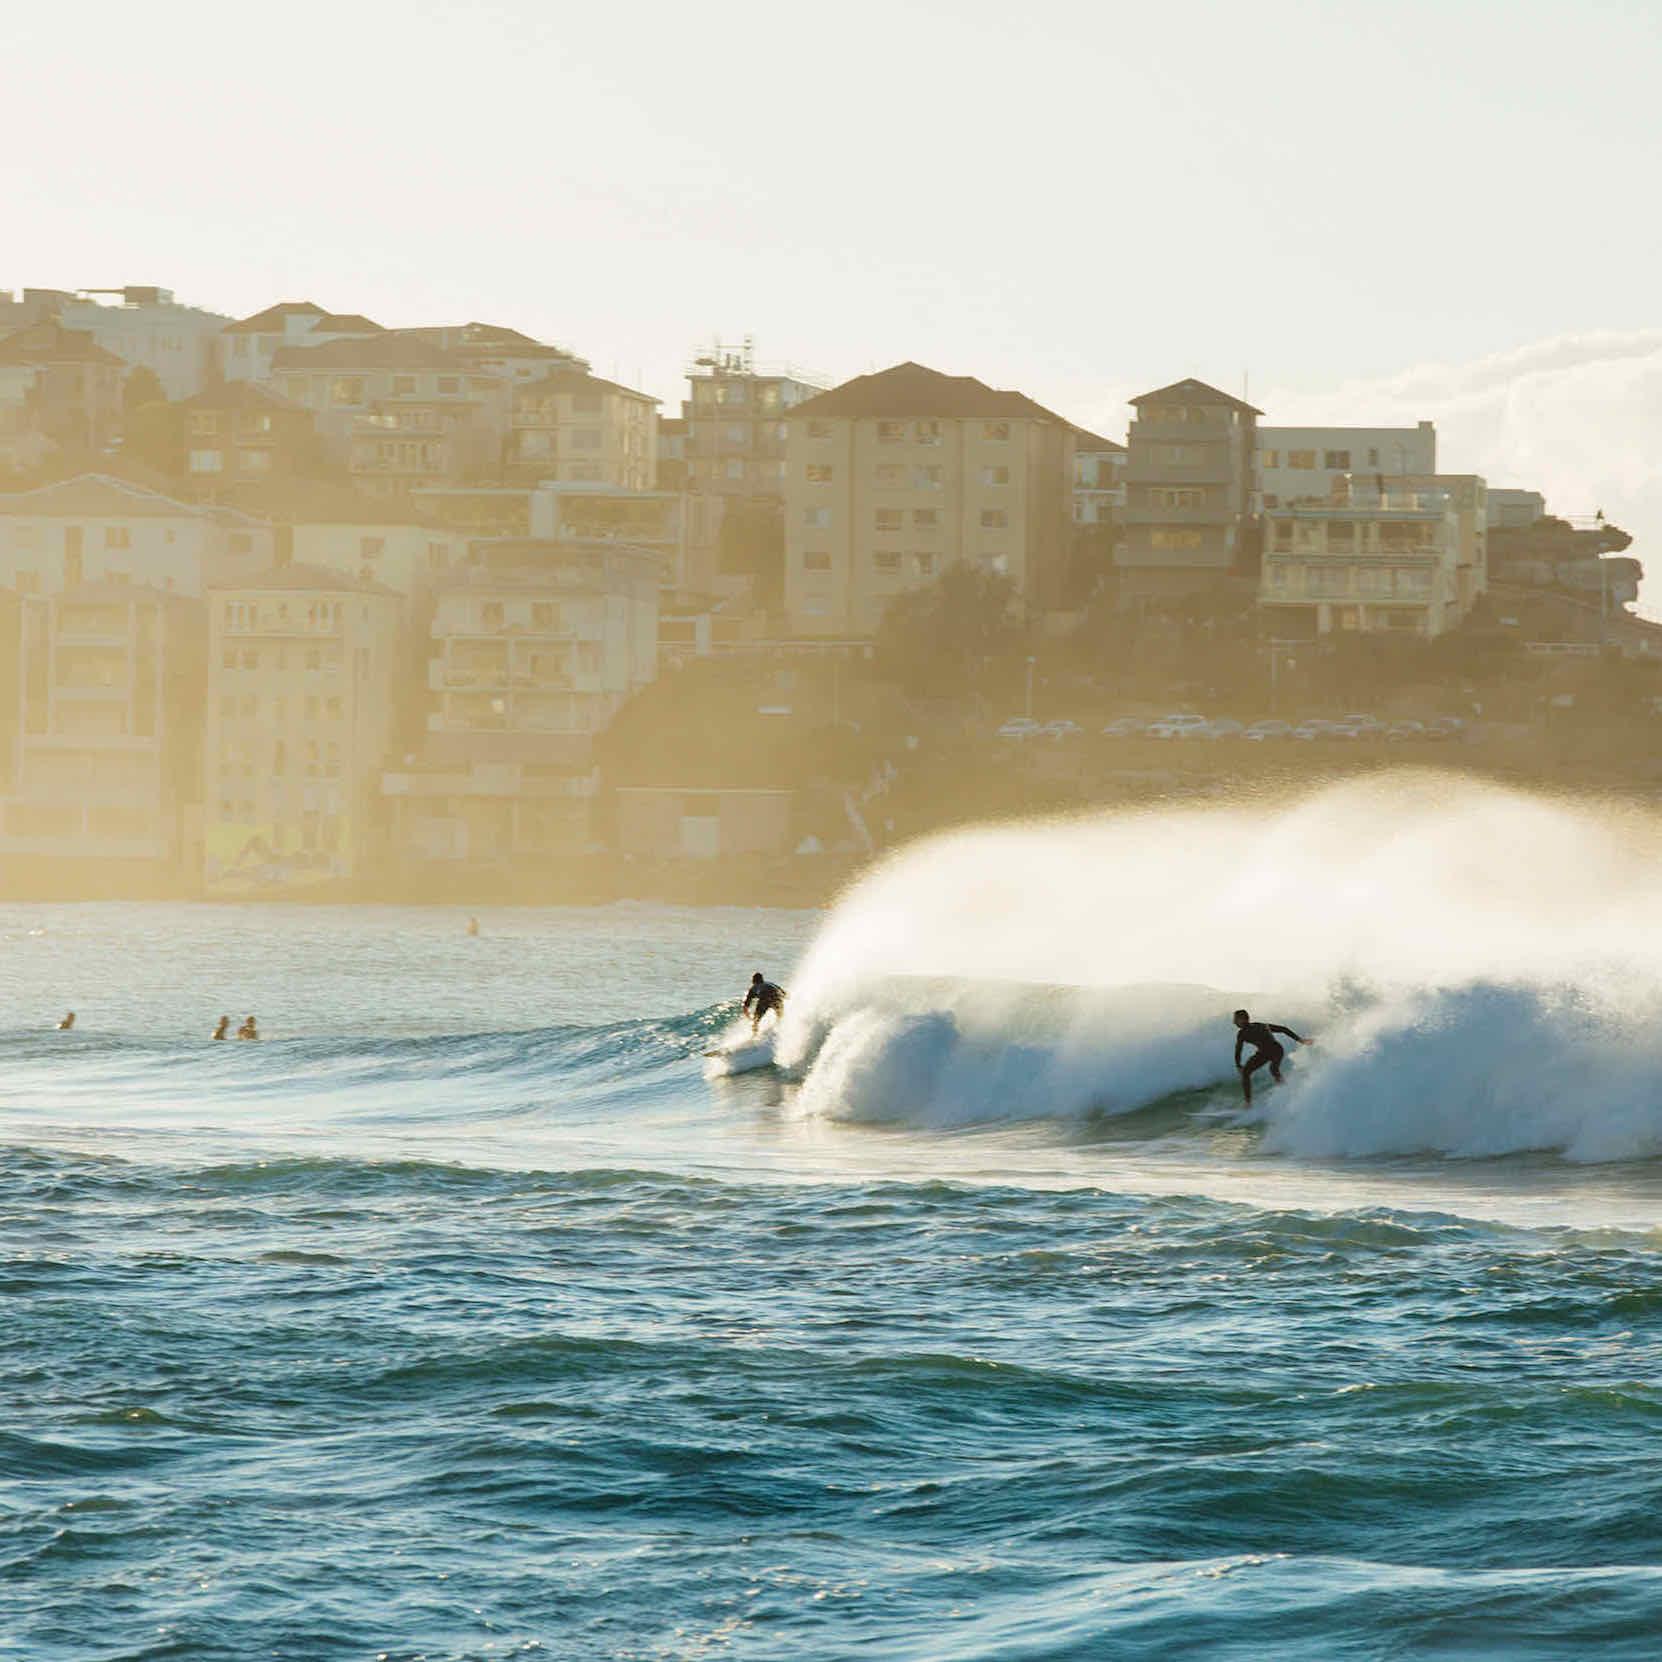 sq-surfing-sydneys-beaches-destinationNSW-photo-credit